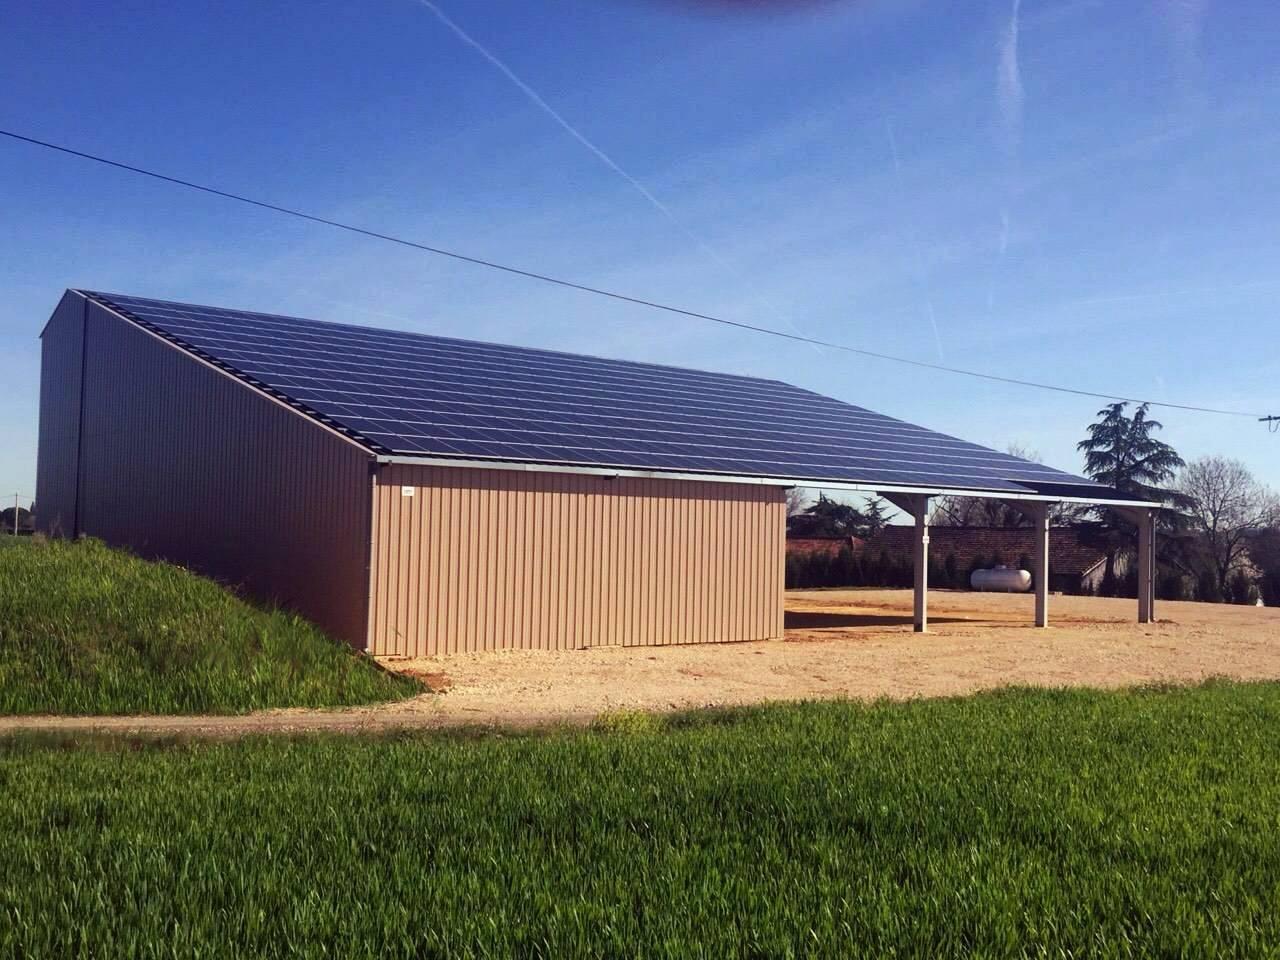 projet photovoltaique gratuit dans le gers de 700 m construction de b timents photovolta ques. Black Bedroom Furniture Sets. Home Design Ideas